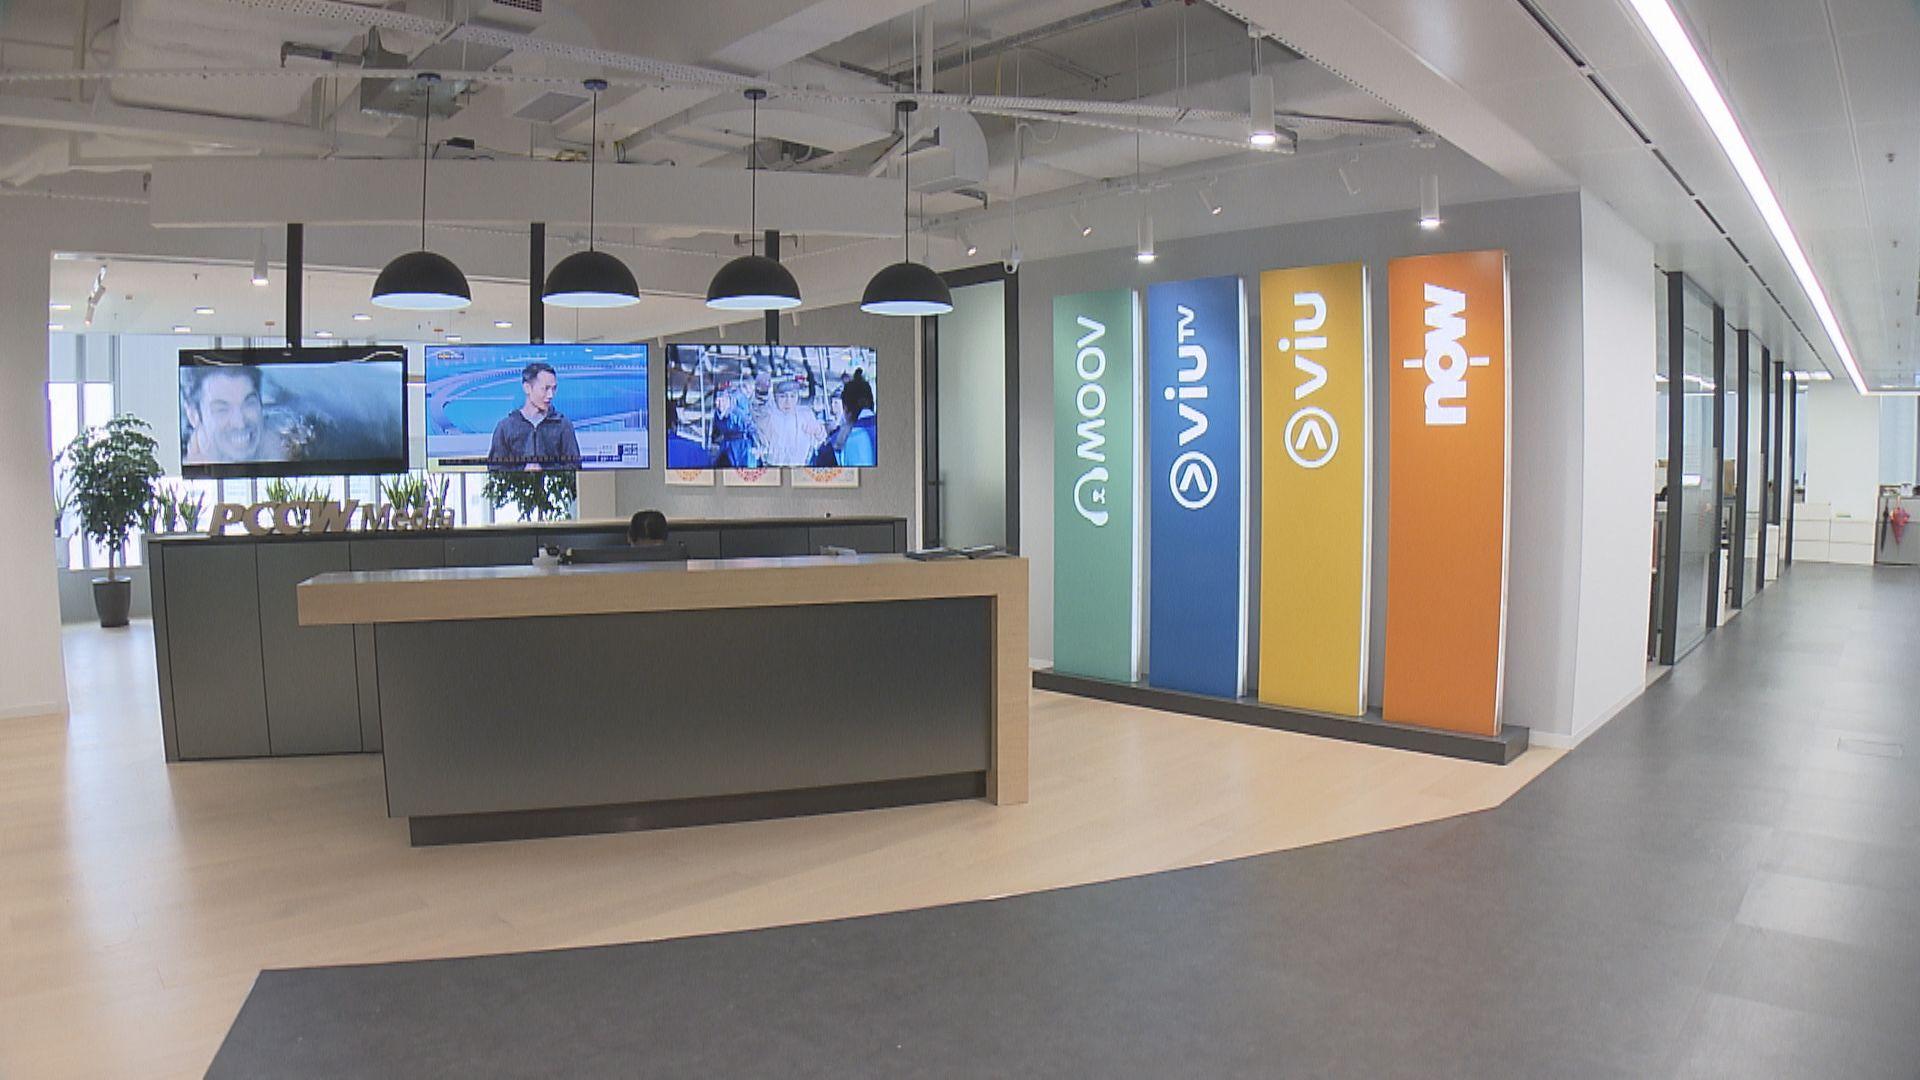 電盈擬將Now TV售予香港電訊 OTT或獨立上市